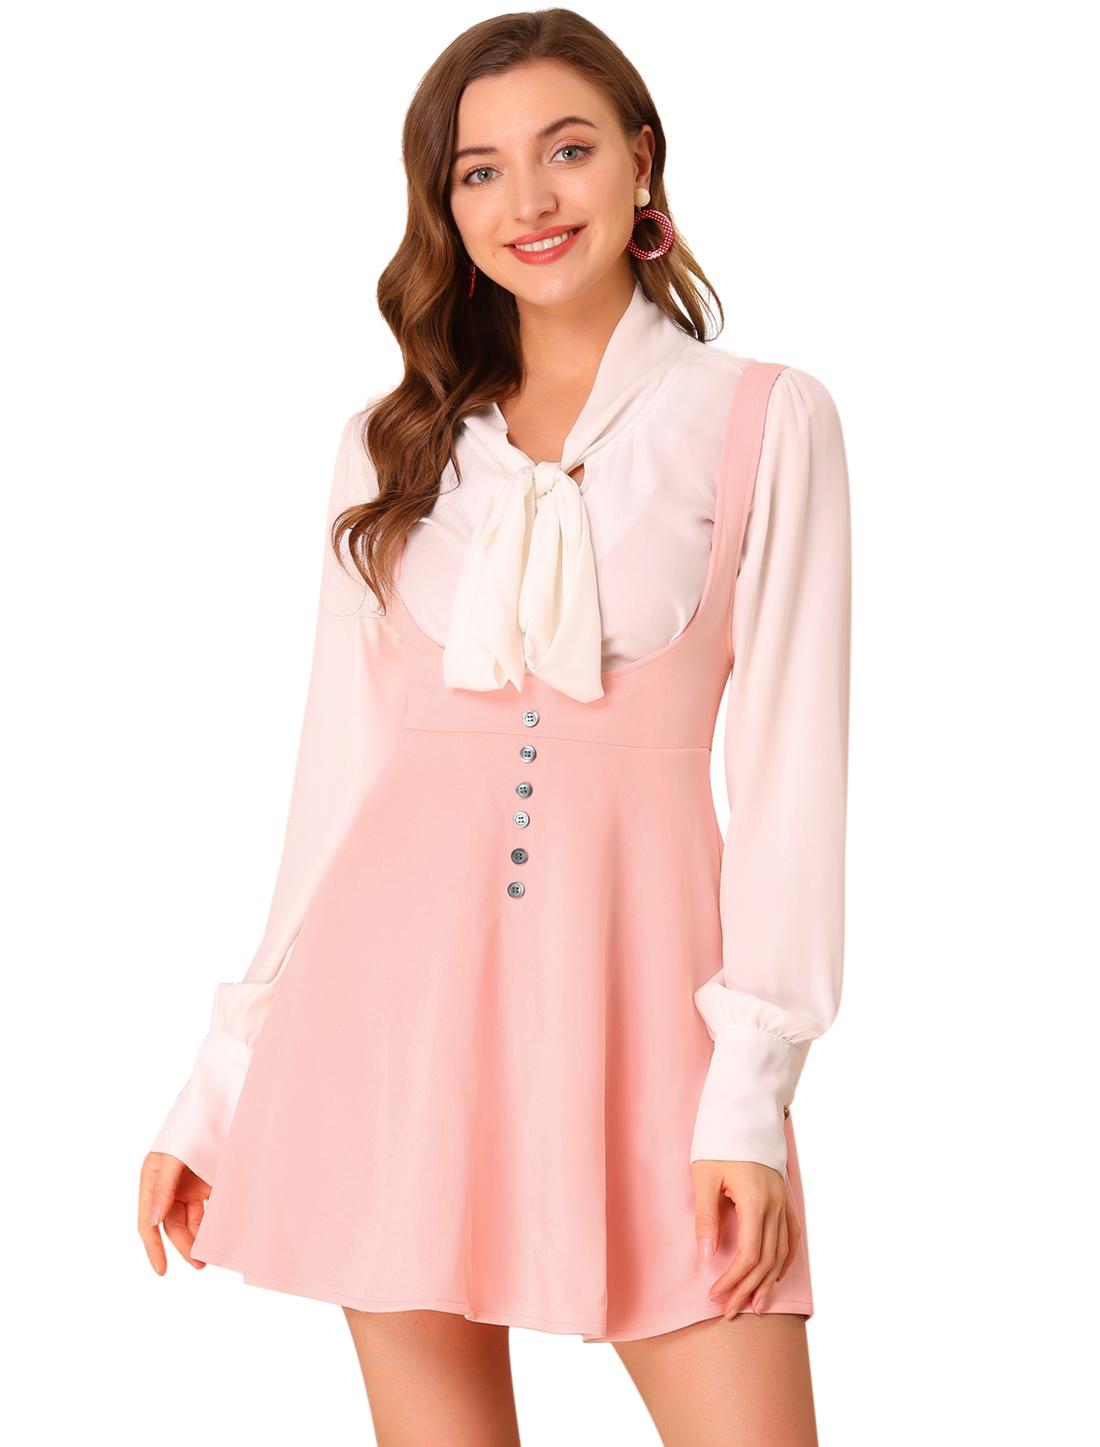 Women's Solid Button Decor Flared Hem Overall Dress Suspender Skirt Pink XL